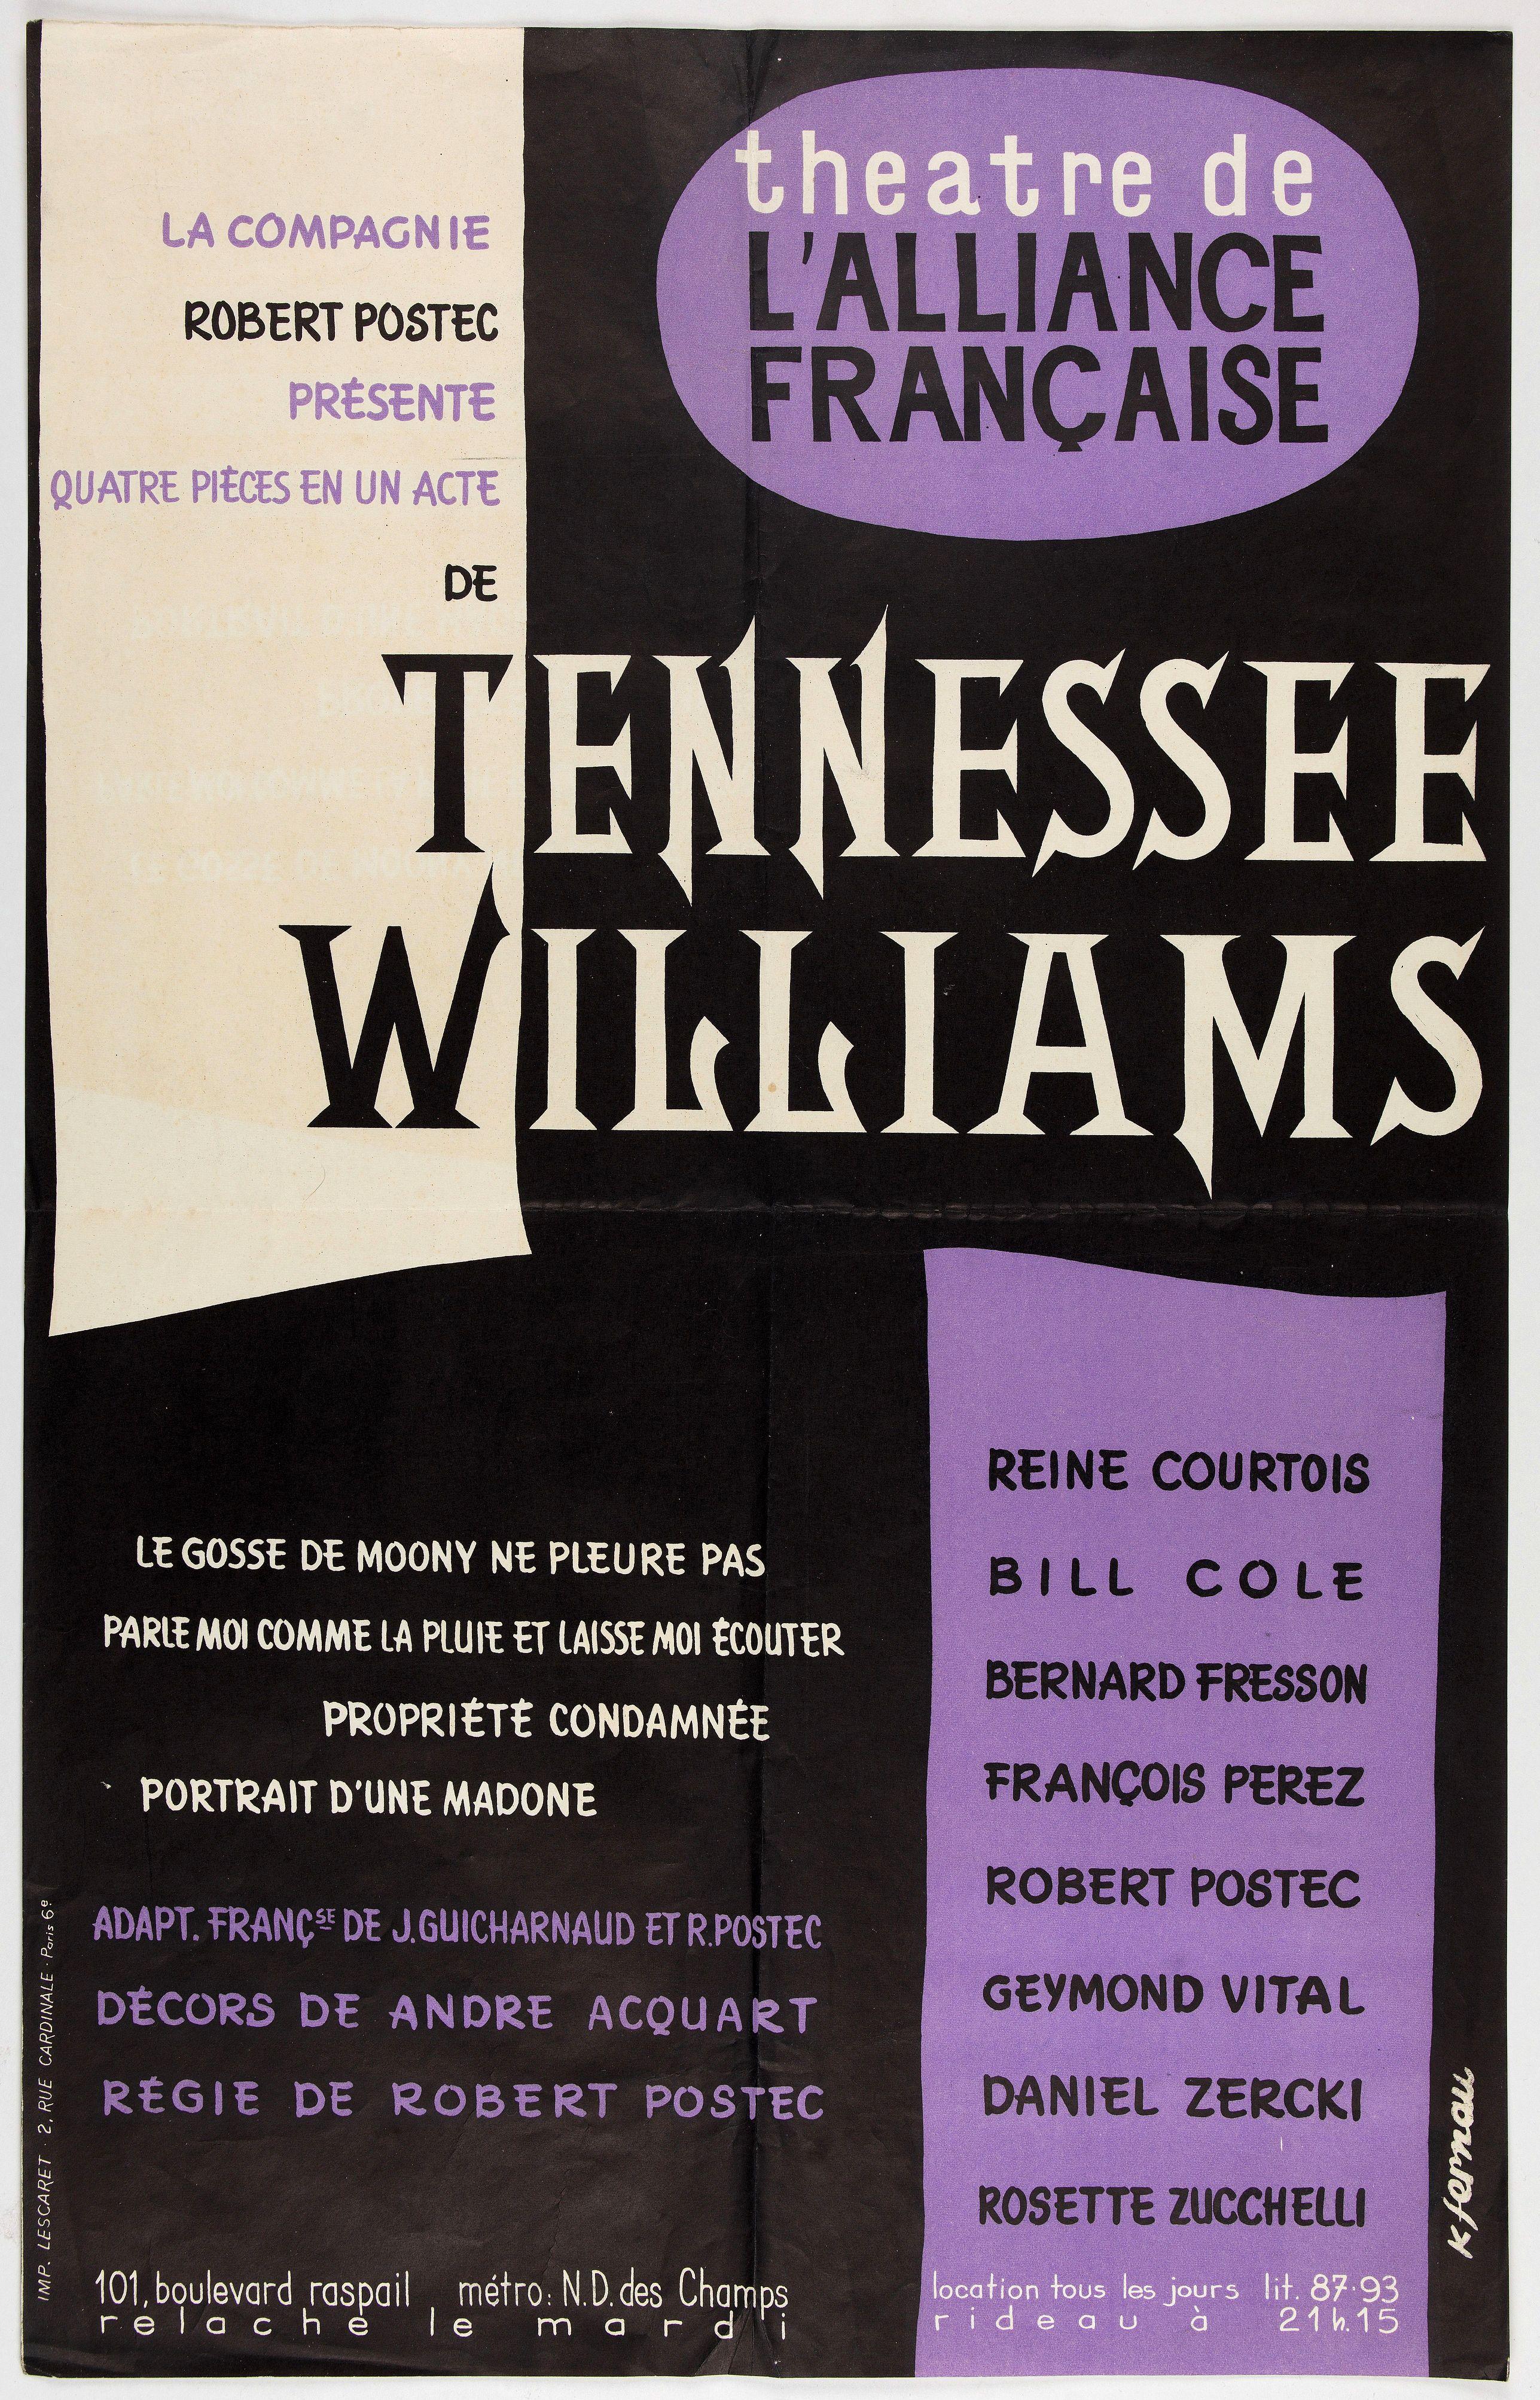 THEATRE DE L'ALLIANCE FRANCAISE -  Spectacle Tennessee Williams composé de quatre pièces en 1 acte.